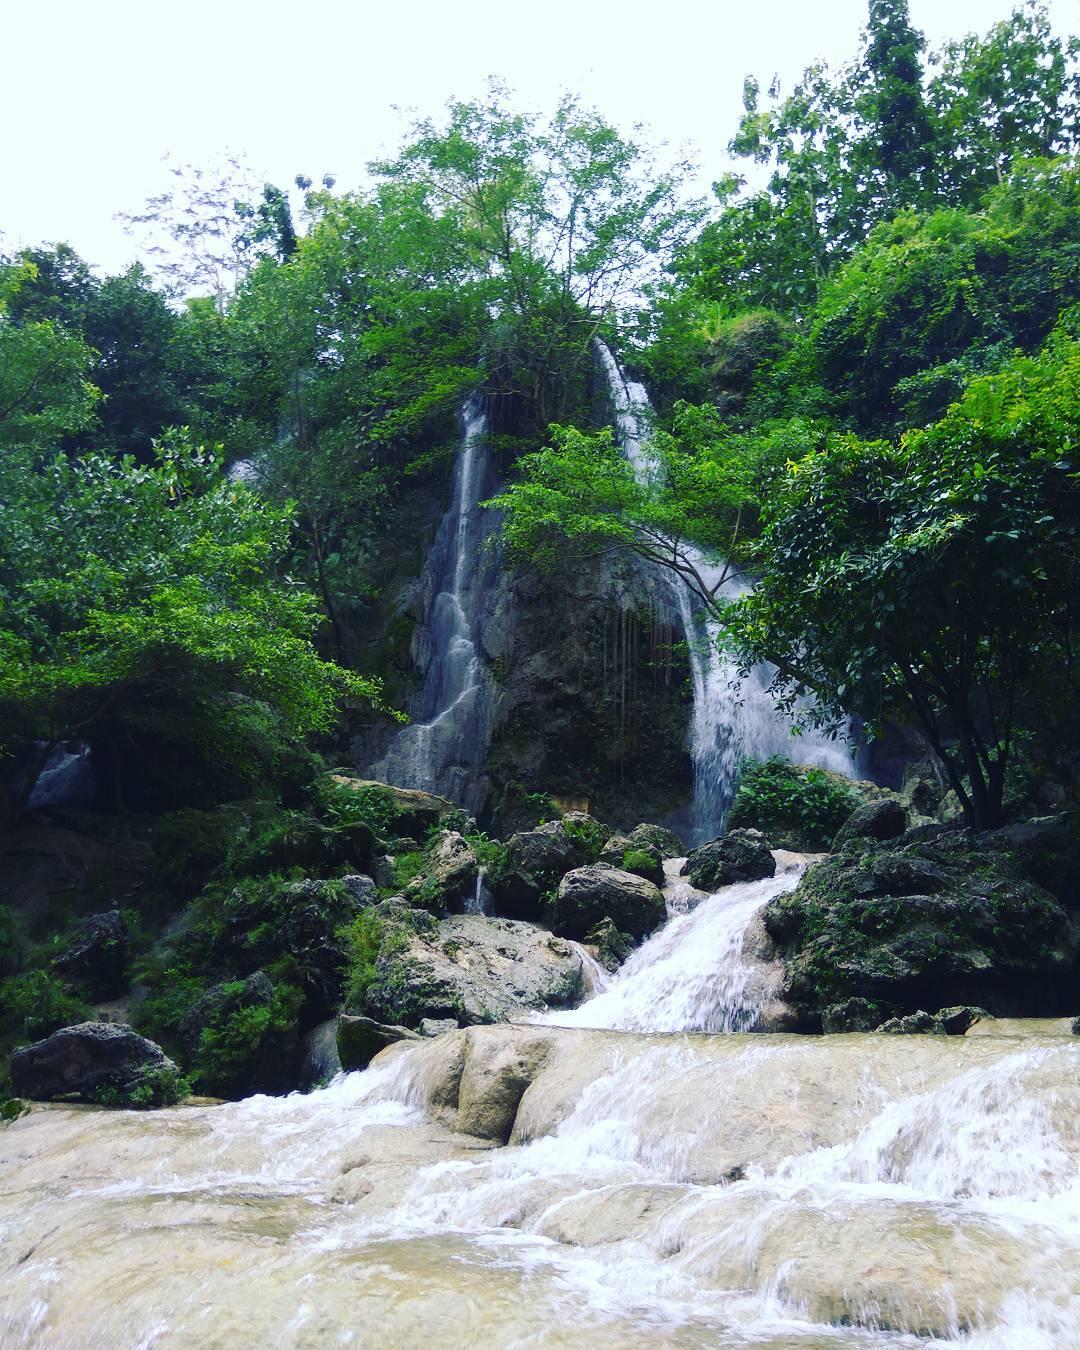 Air Terjun Sri Gethuk Gunungkidul